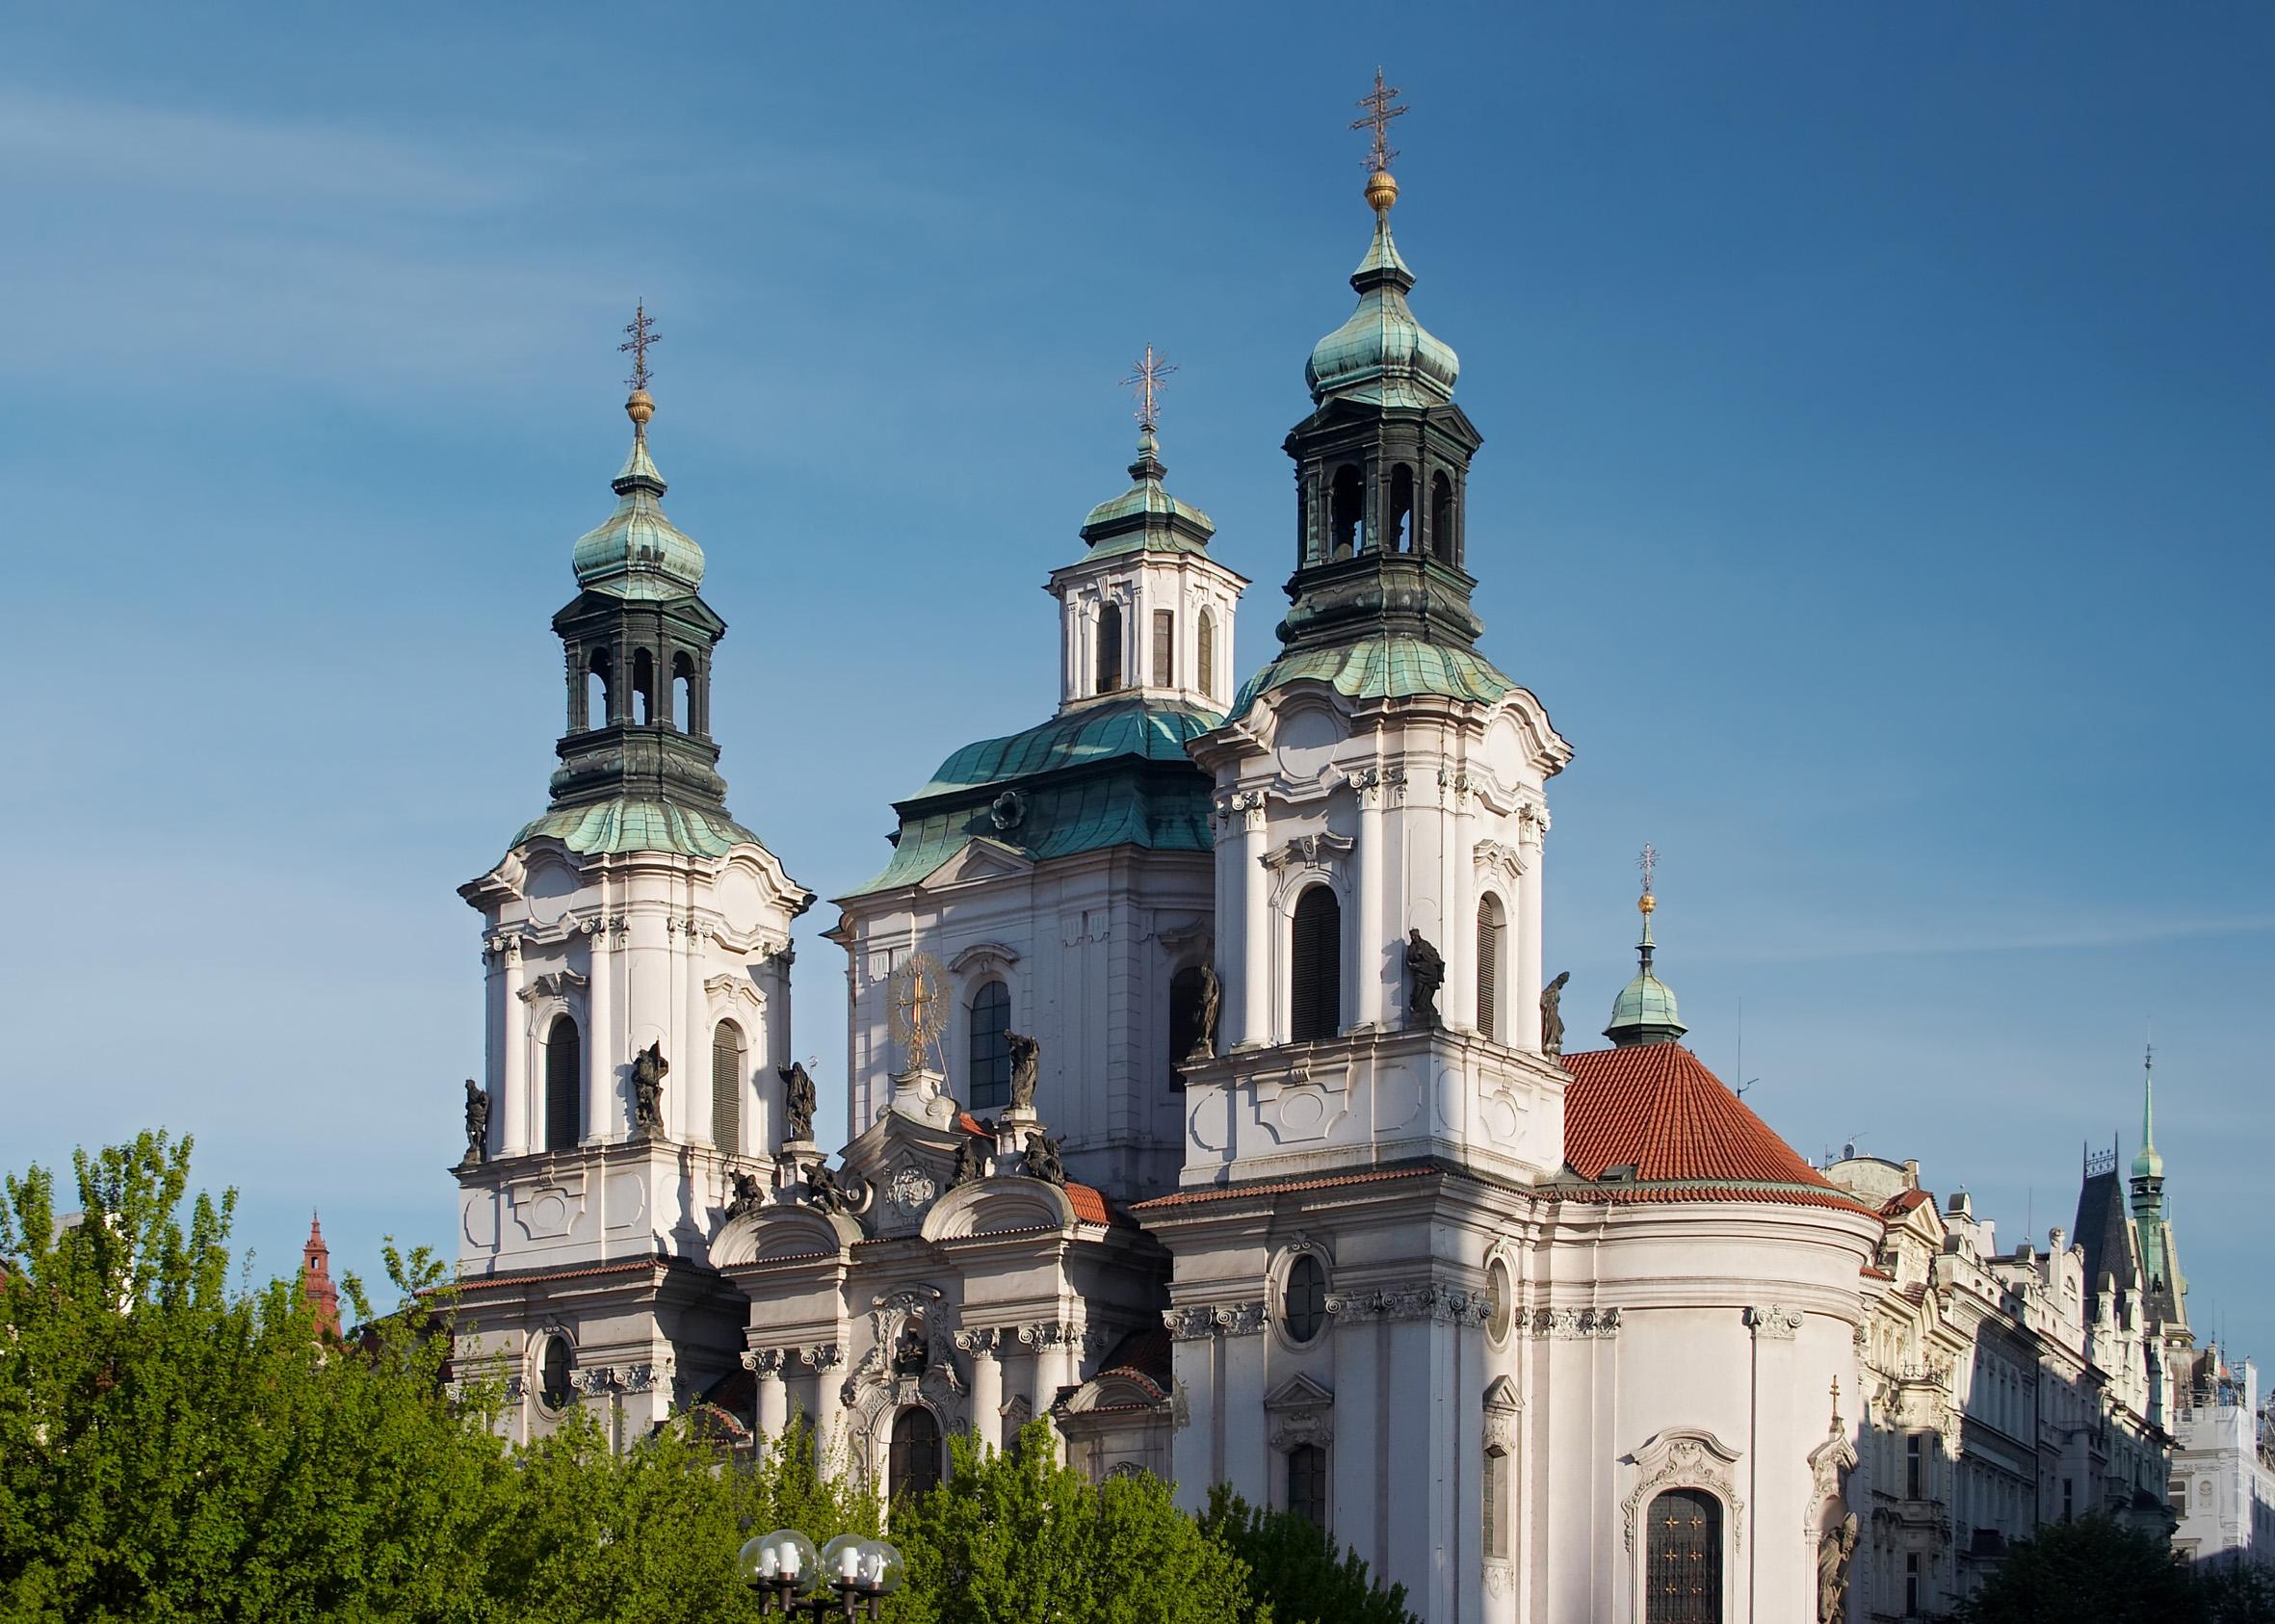 CR_Prague_St_Nikolas_Old_Town_s.jpg